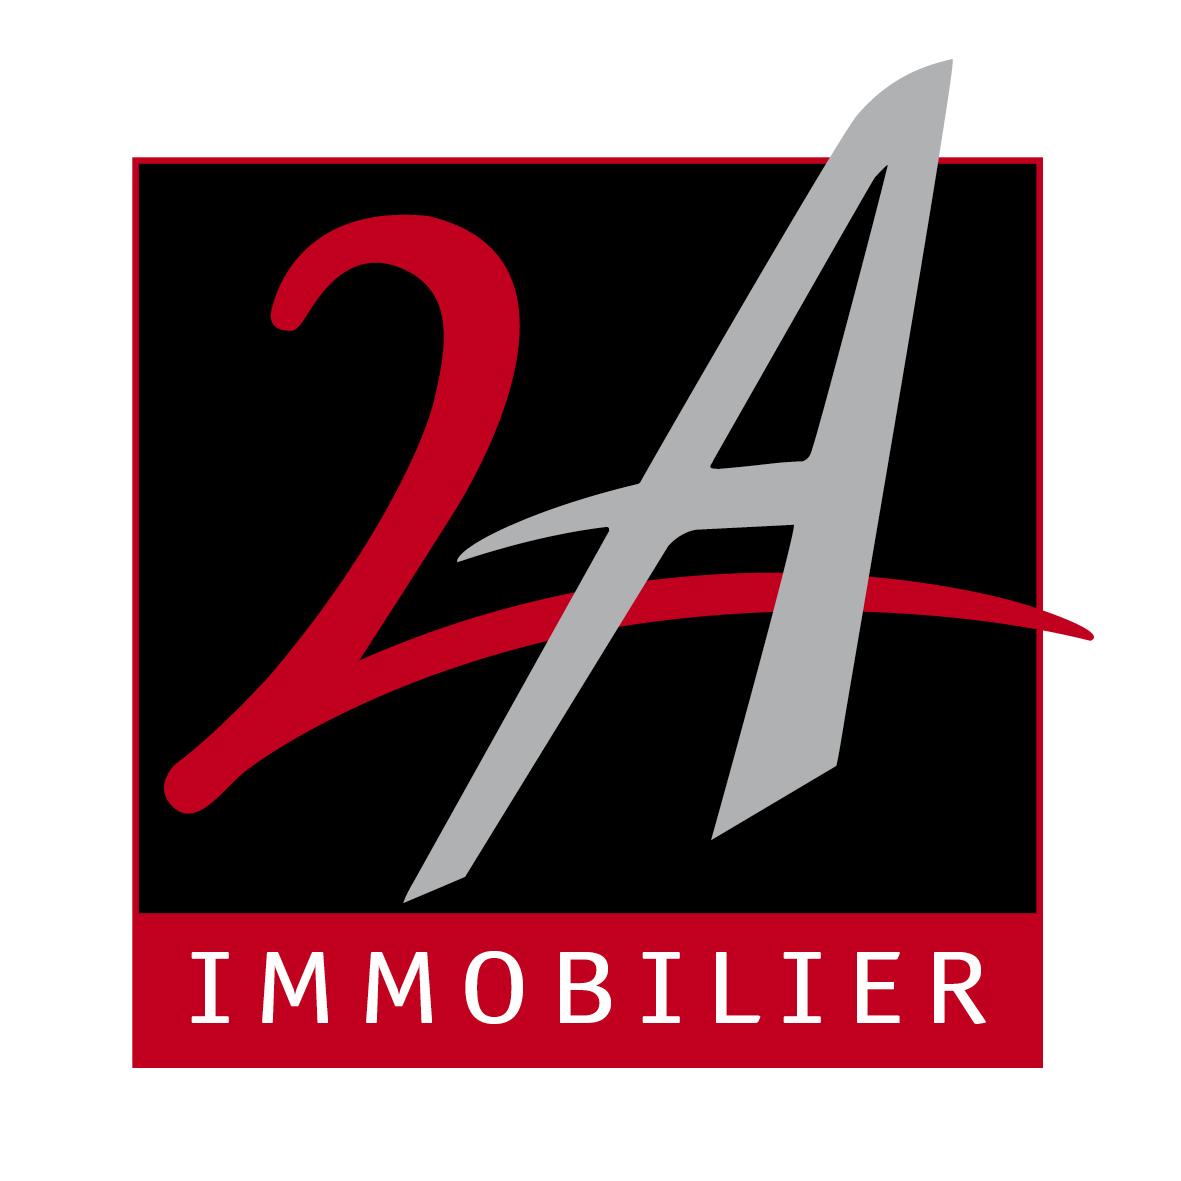 2a Immobilier agence immobilière Aix-les-Bains (73100)